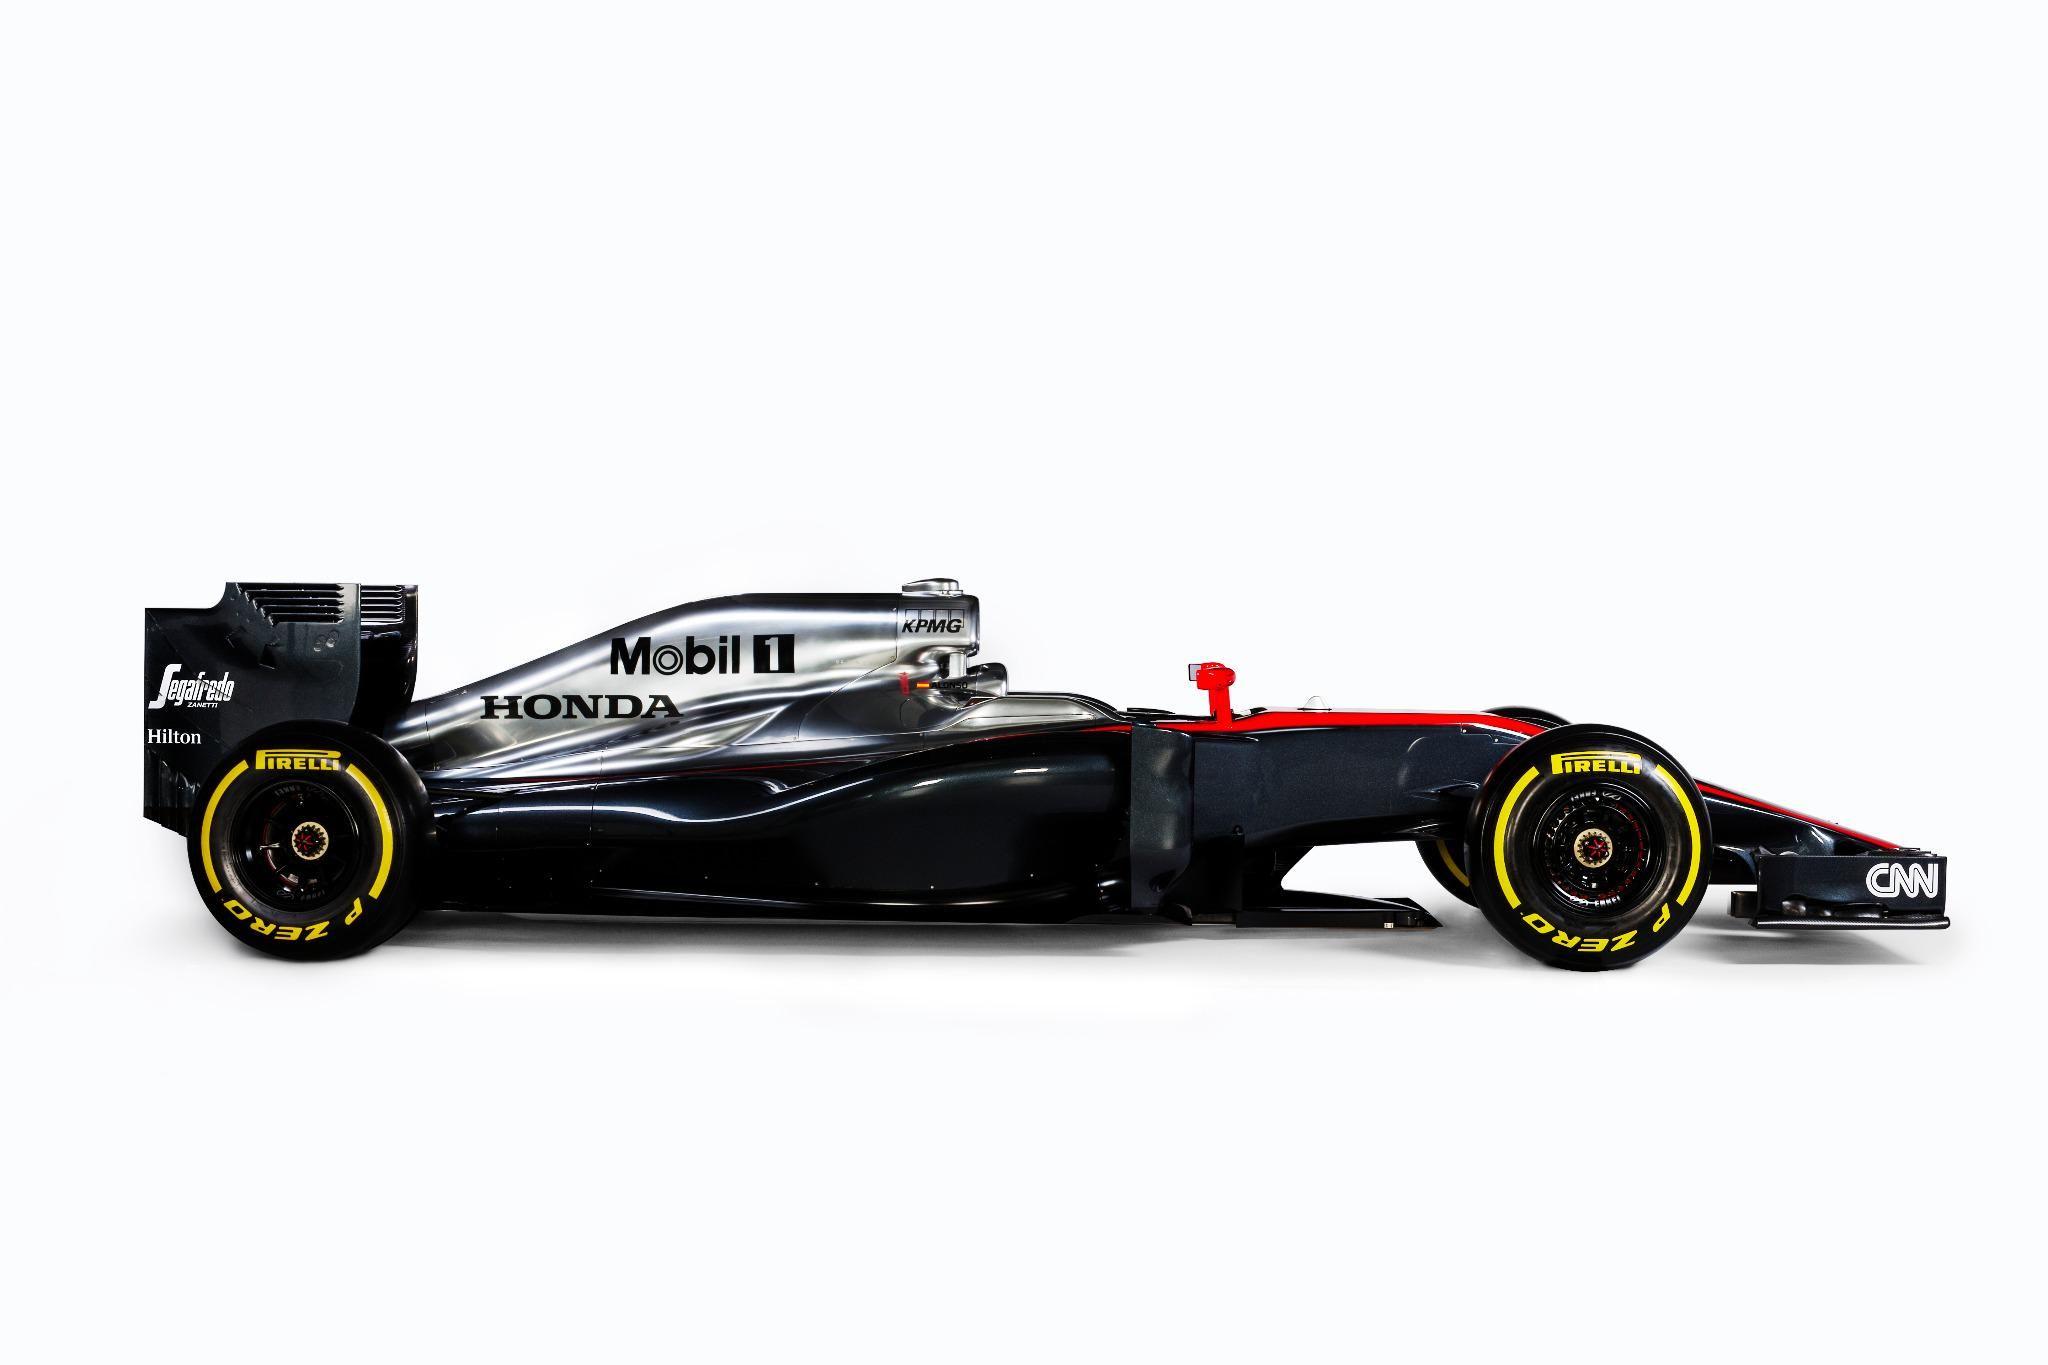 2015 McLaren Honda MP4-30 Revealed #F1